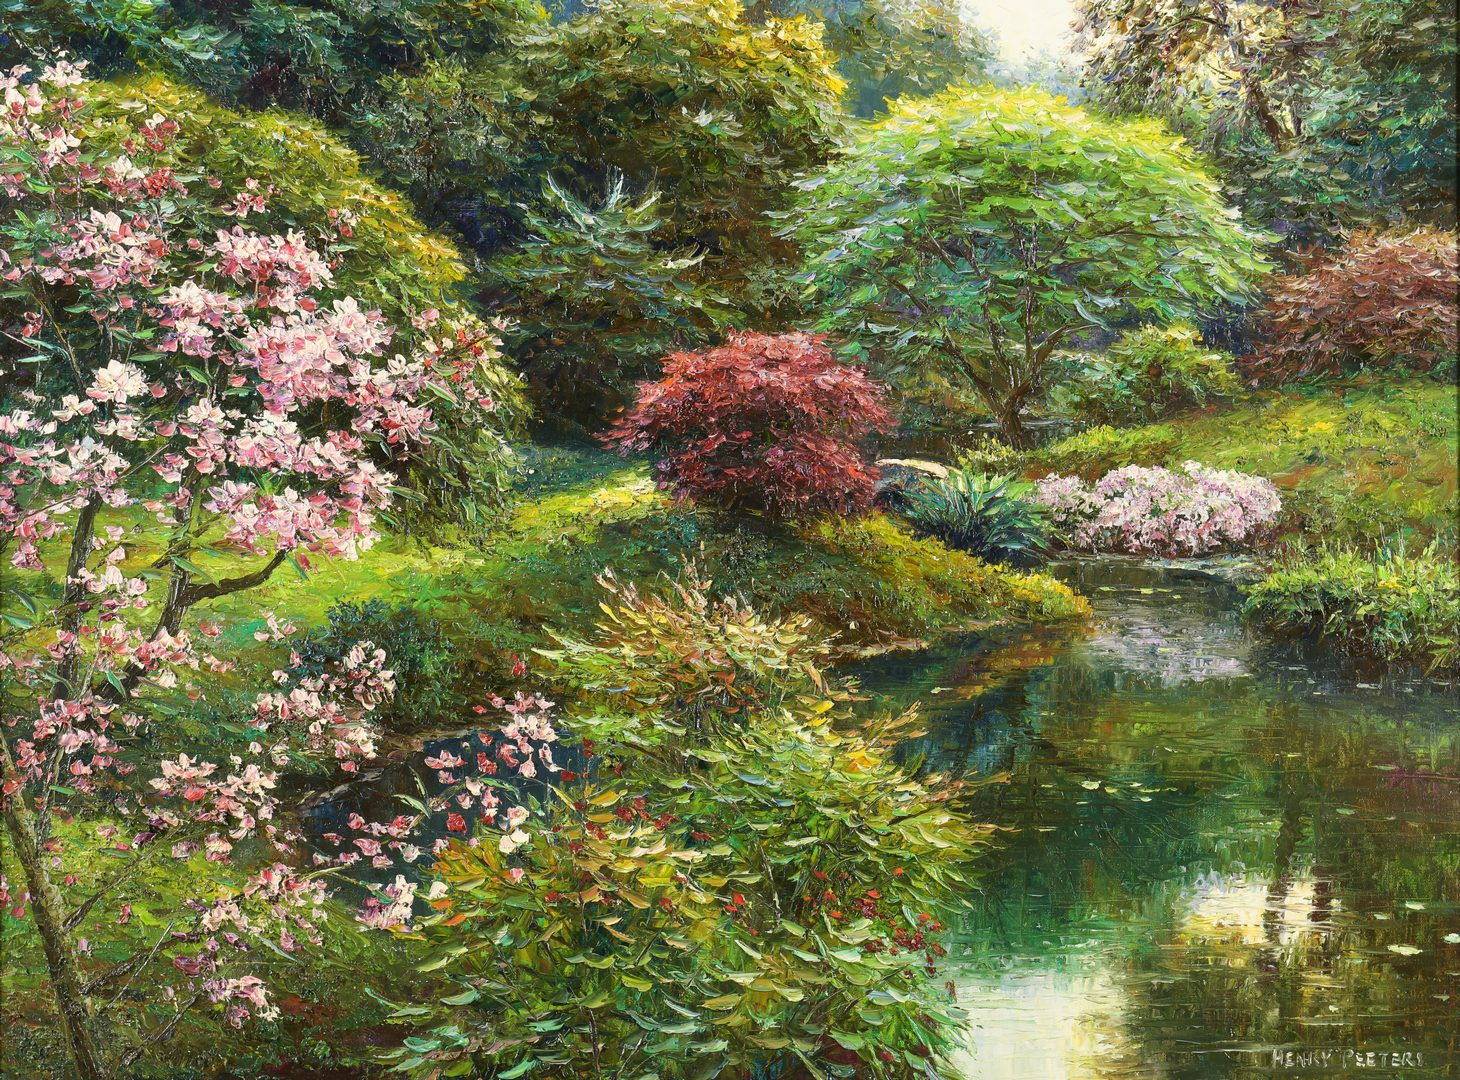 Lot 448: Henry Peeters O/C Garden Landscape